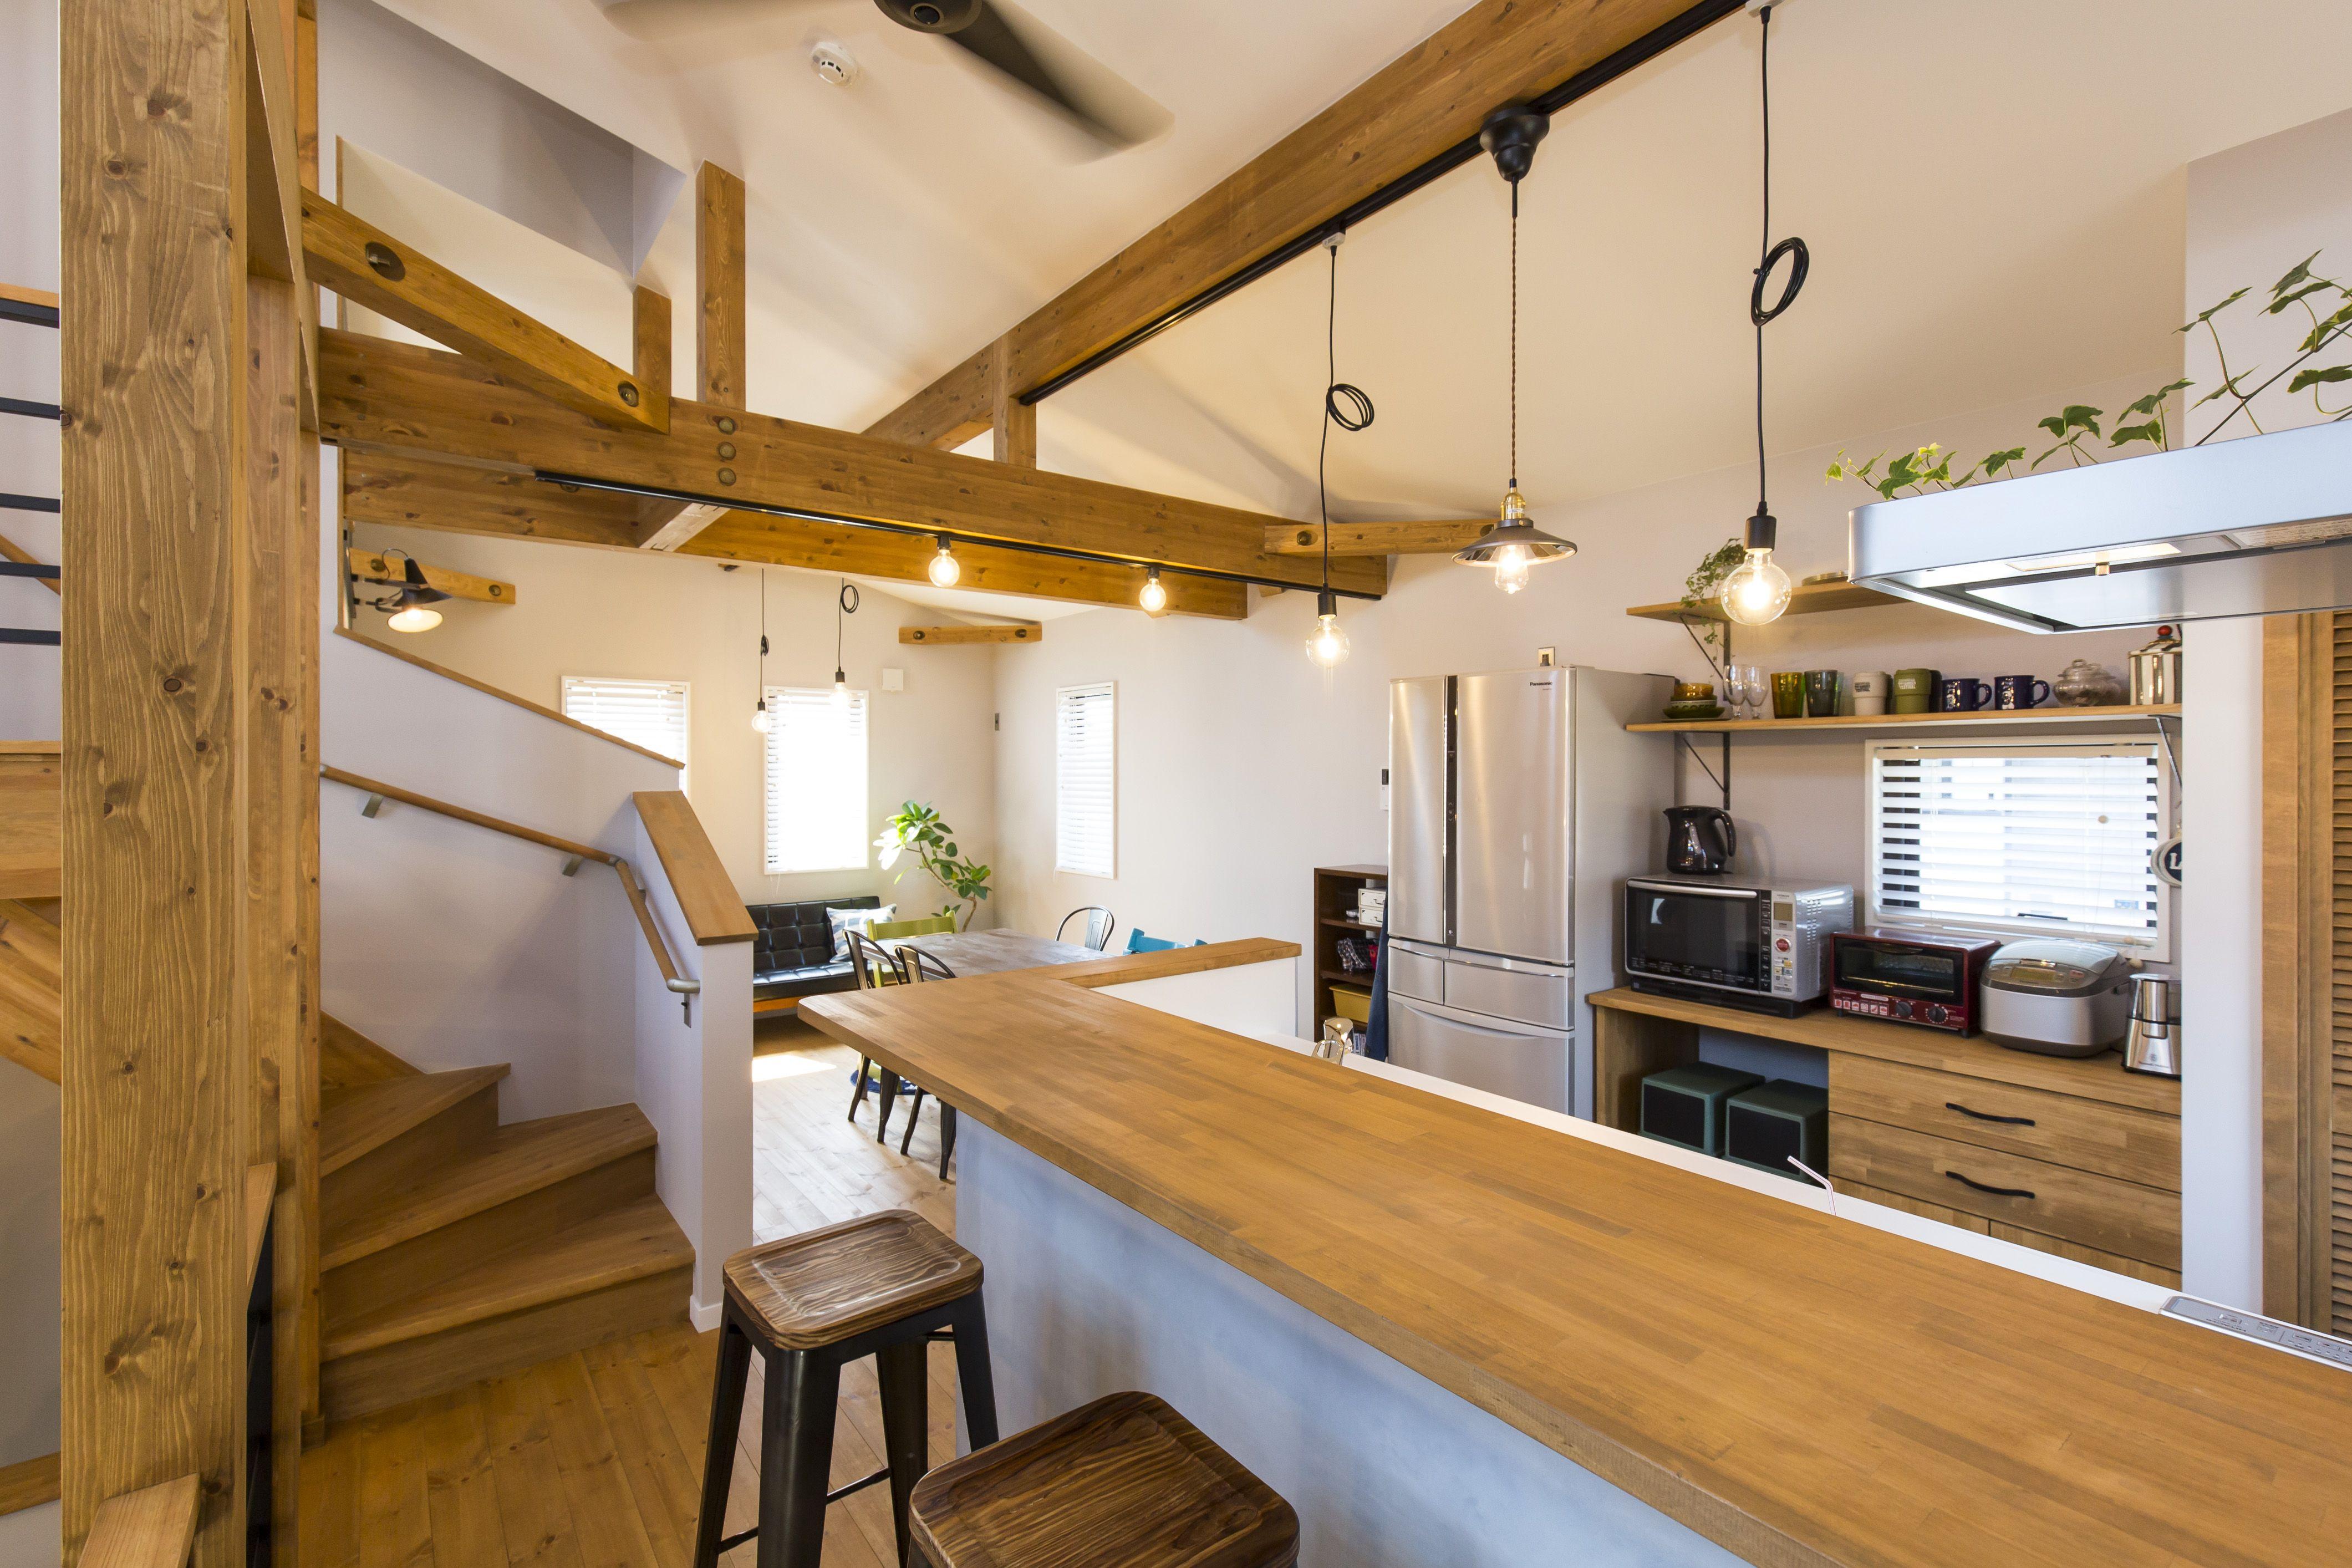 キッチン モルタル仕上げ カフェ風 インテリア実例 Bino